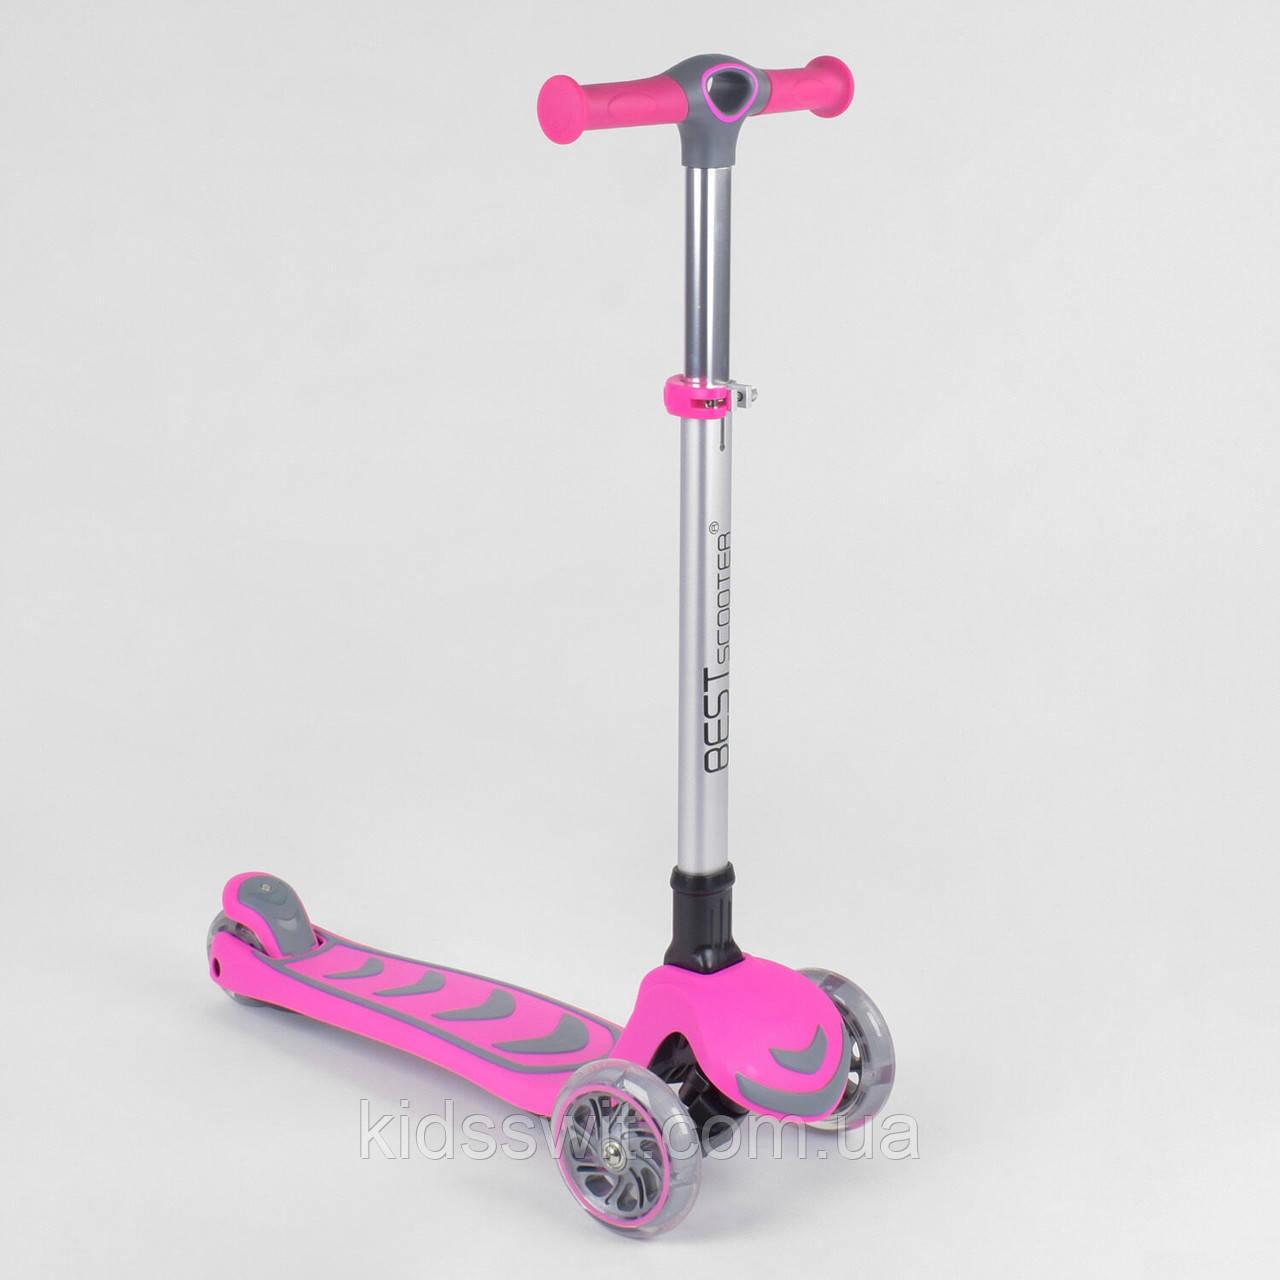 Самокат триколісний Best Scooter, рожевий, складаний кермо, 4 колеса PU зі світлом, d=12 см 57795